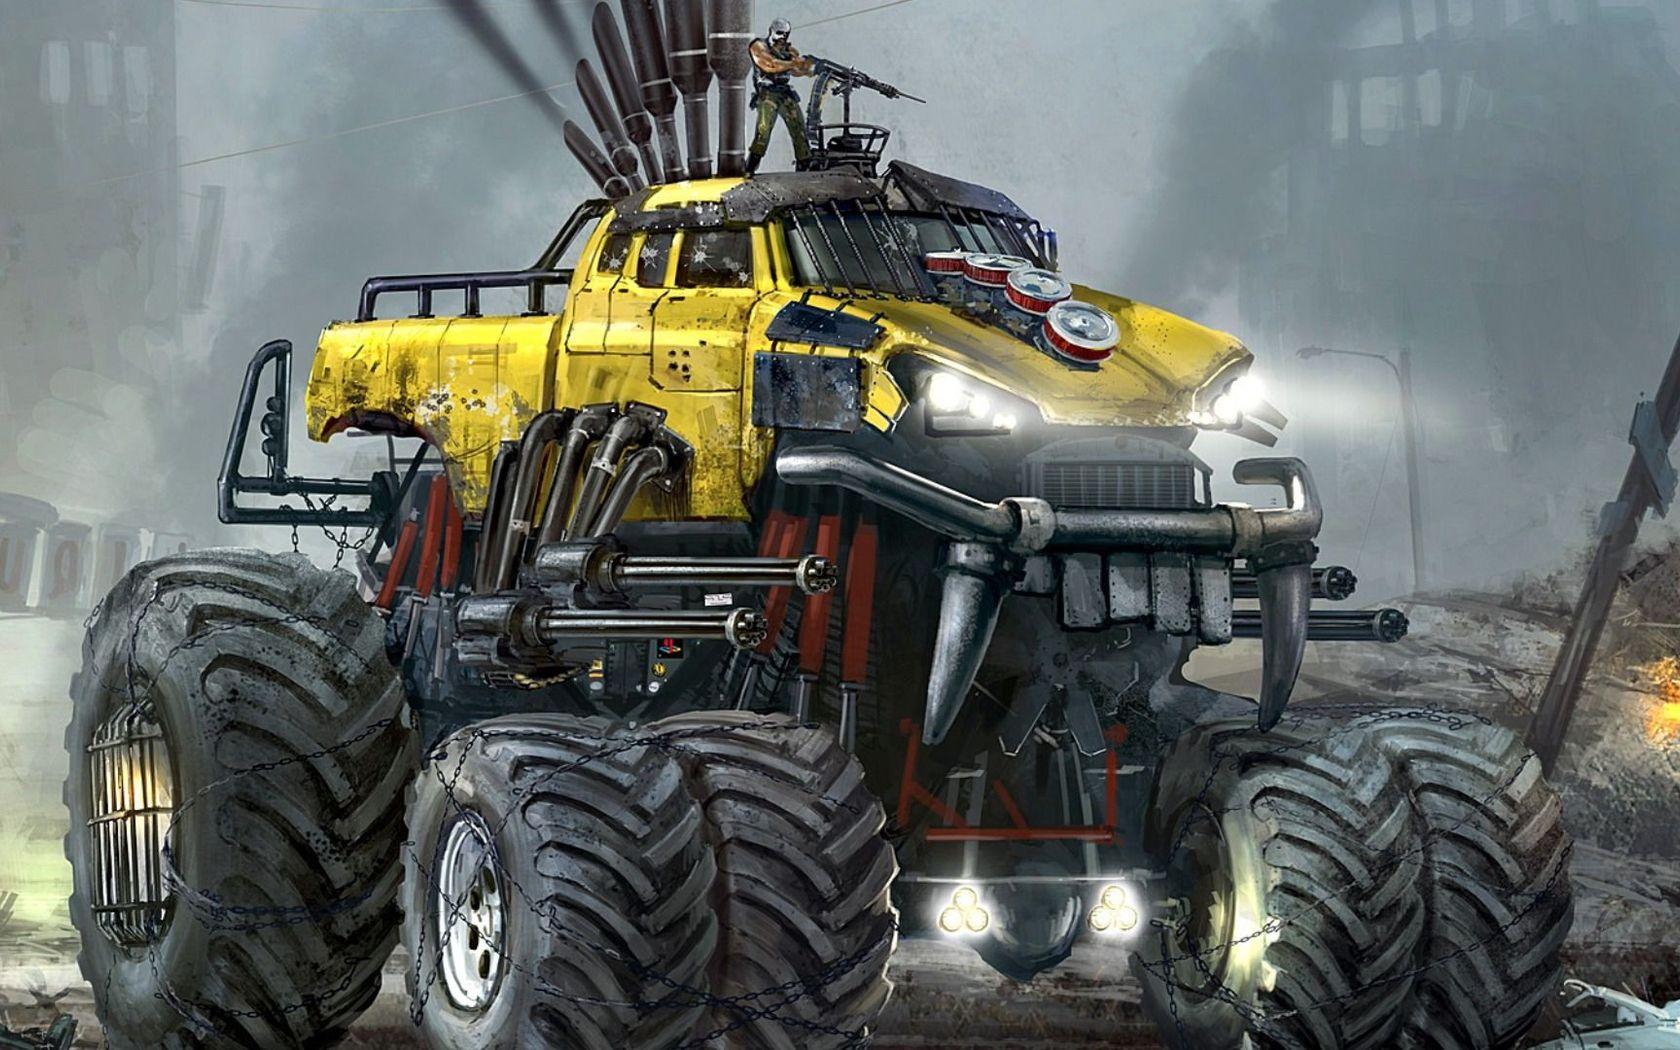 Monster Truck wallpaper 1680x1050